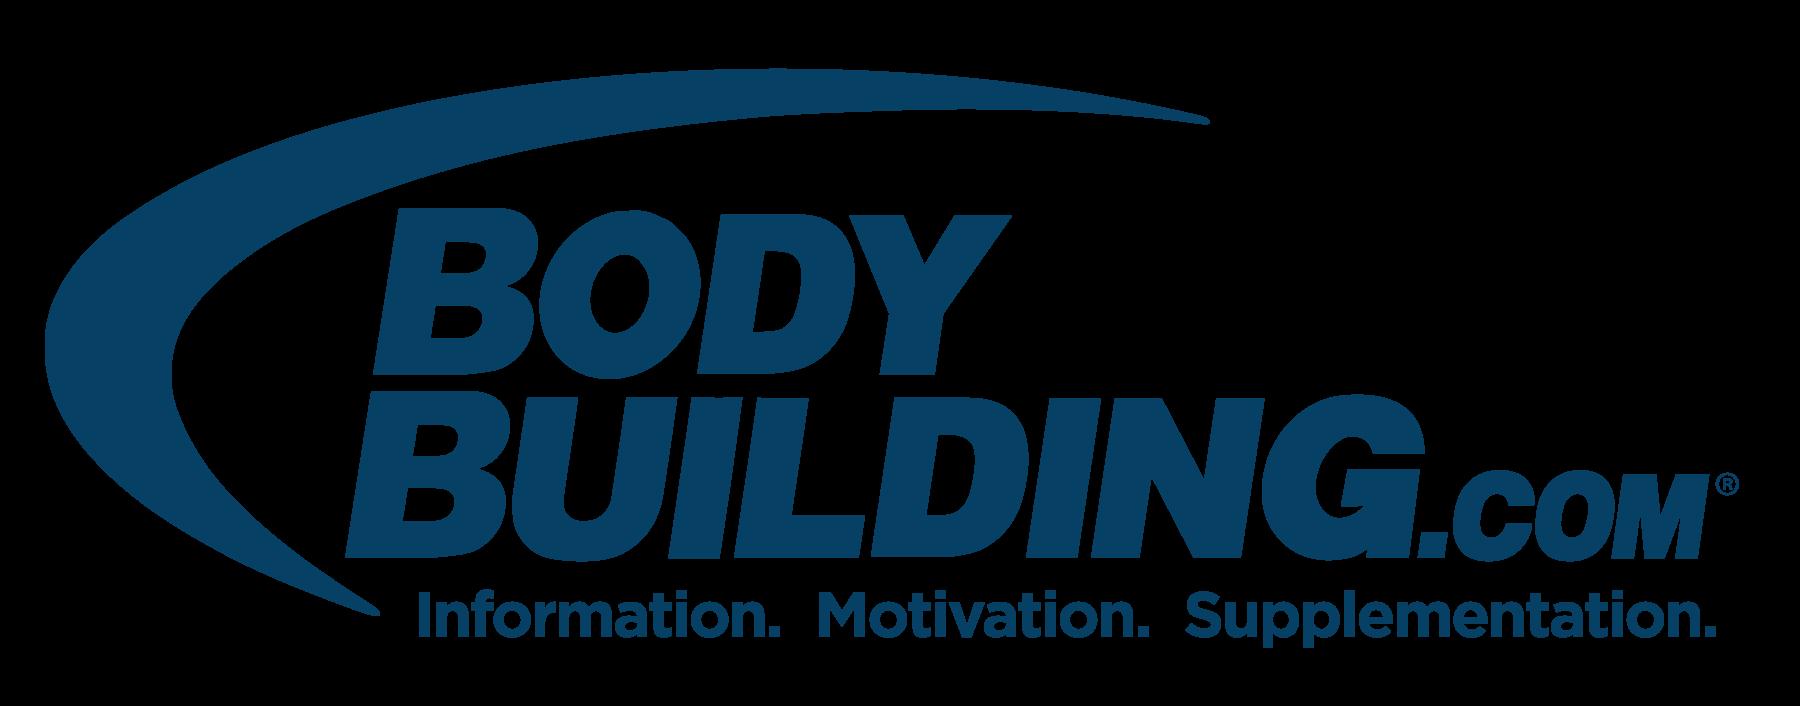 BodyBuildingcom